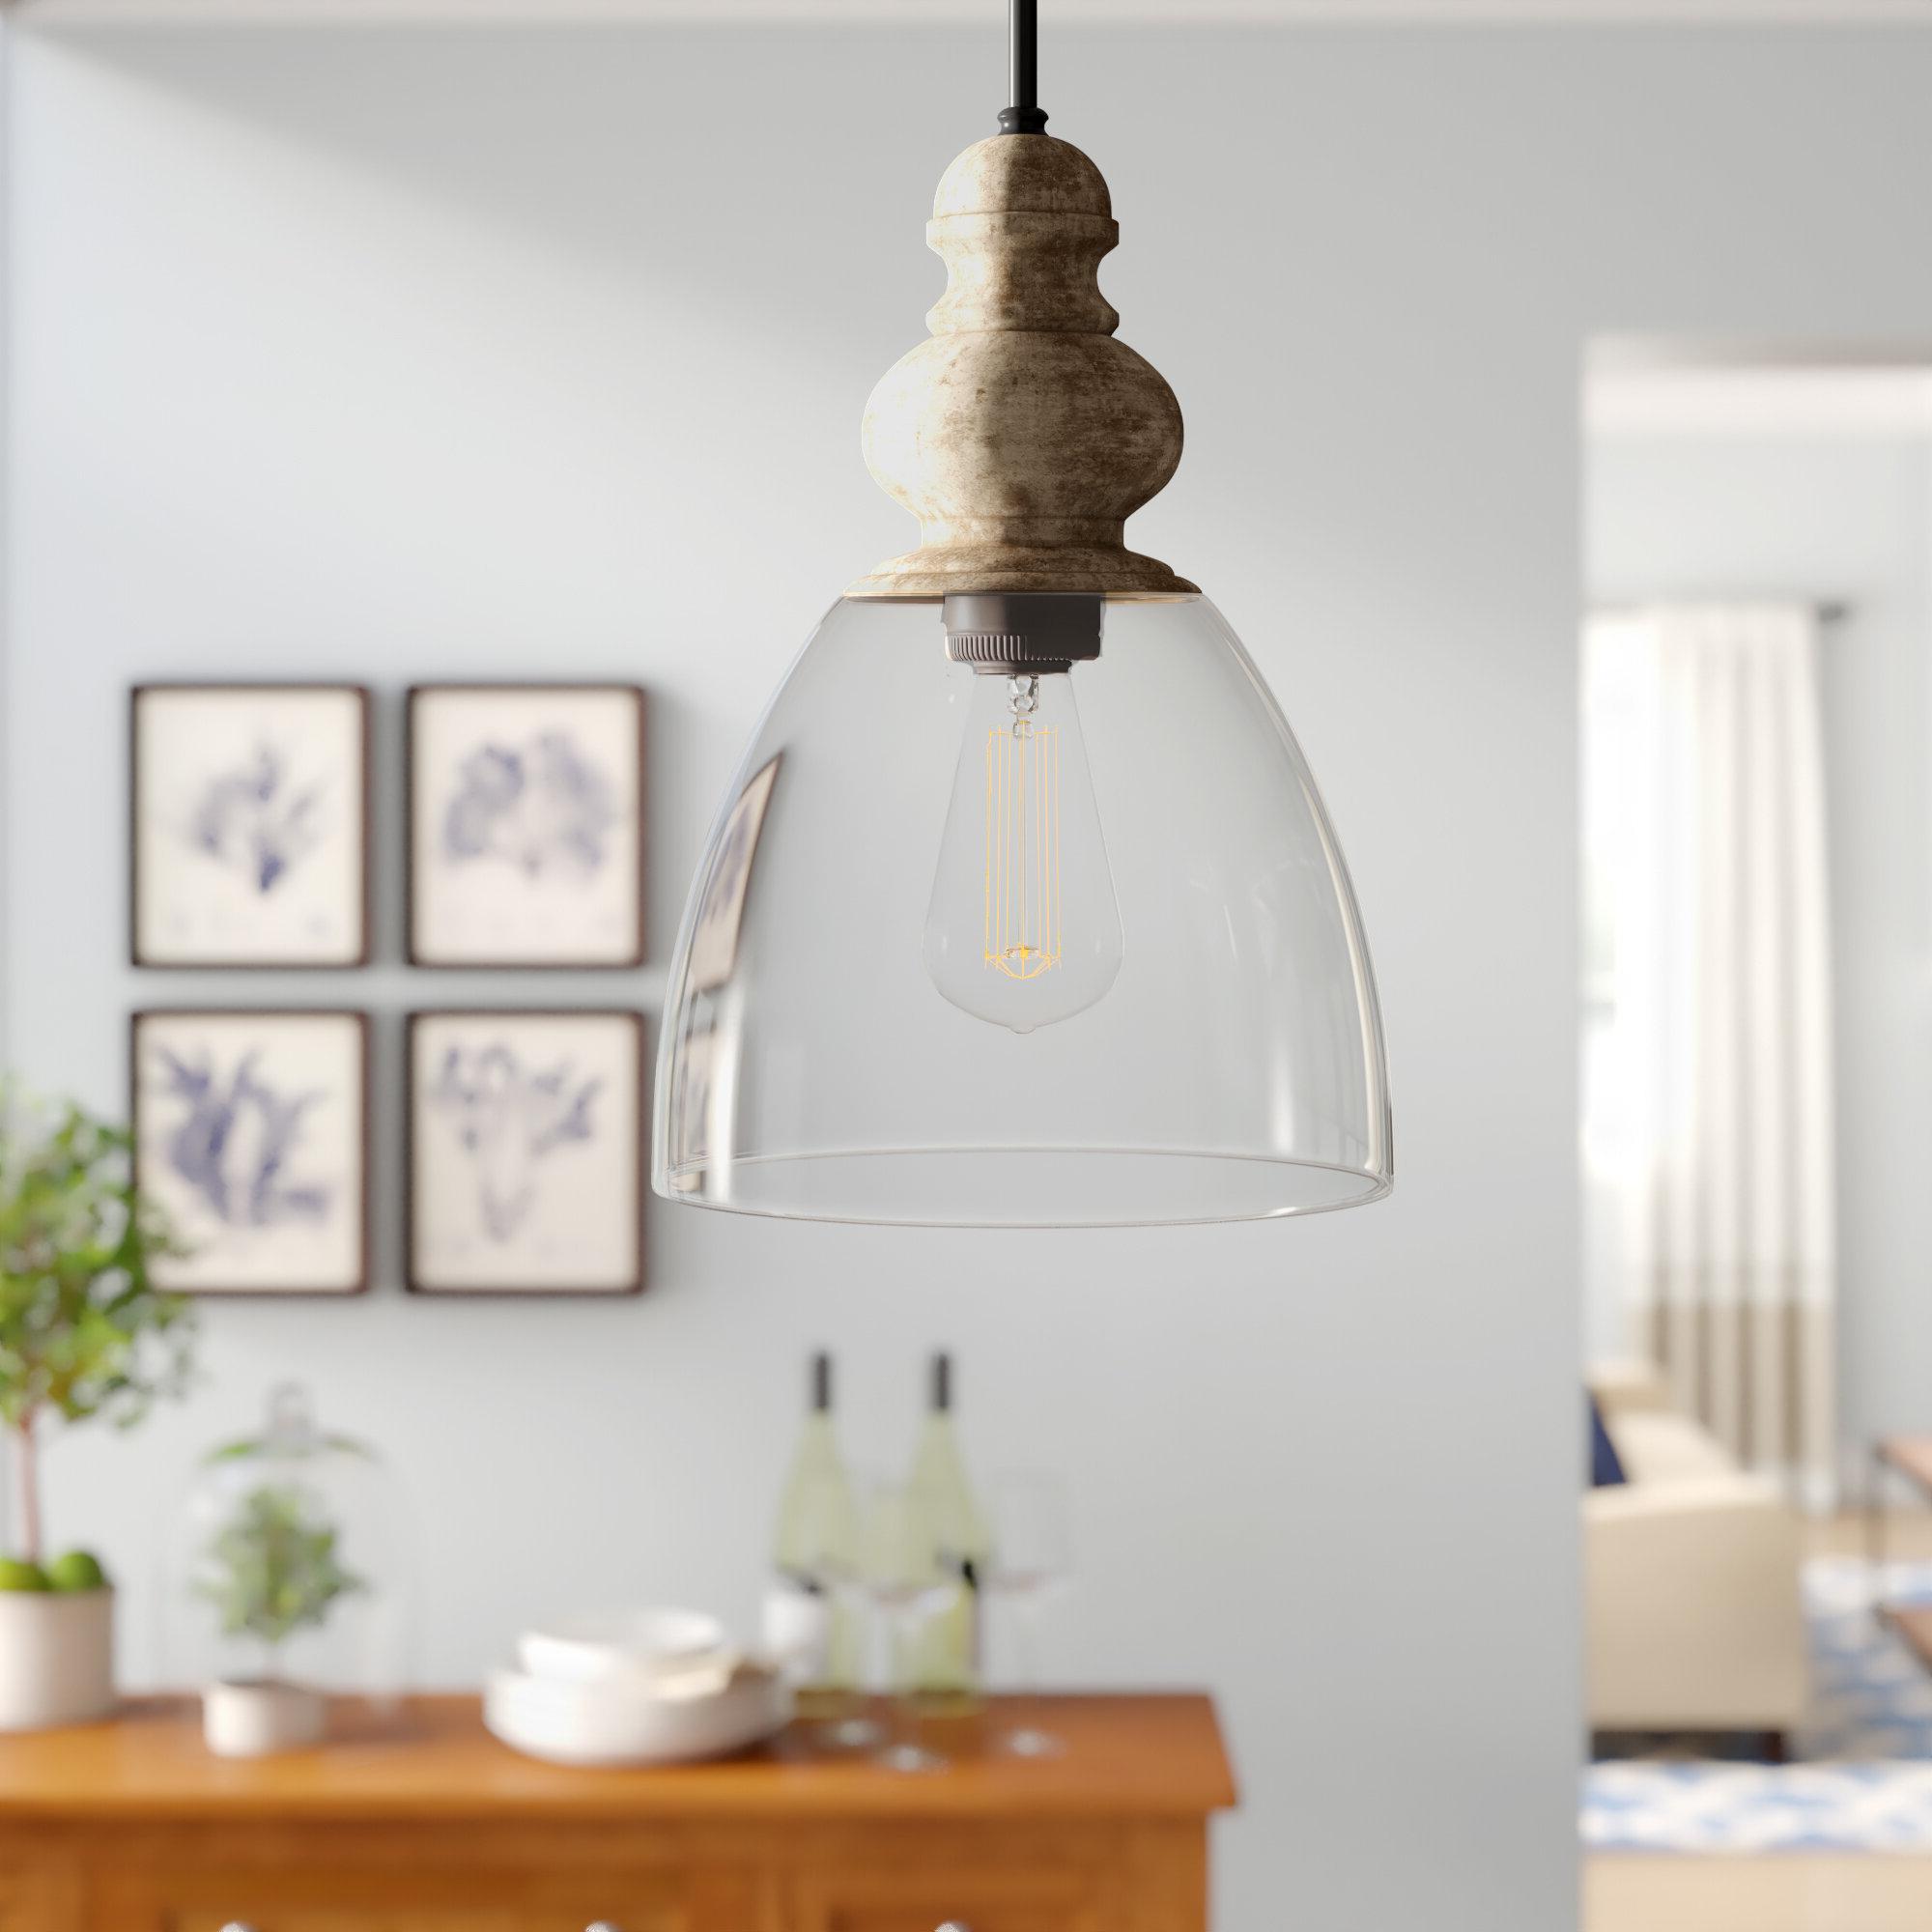 Widely Used Lemelle 1 Light Single Bell Pendant Within 1 Light Single Bell Pendants (View 20 of 20)